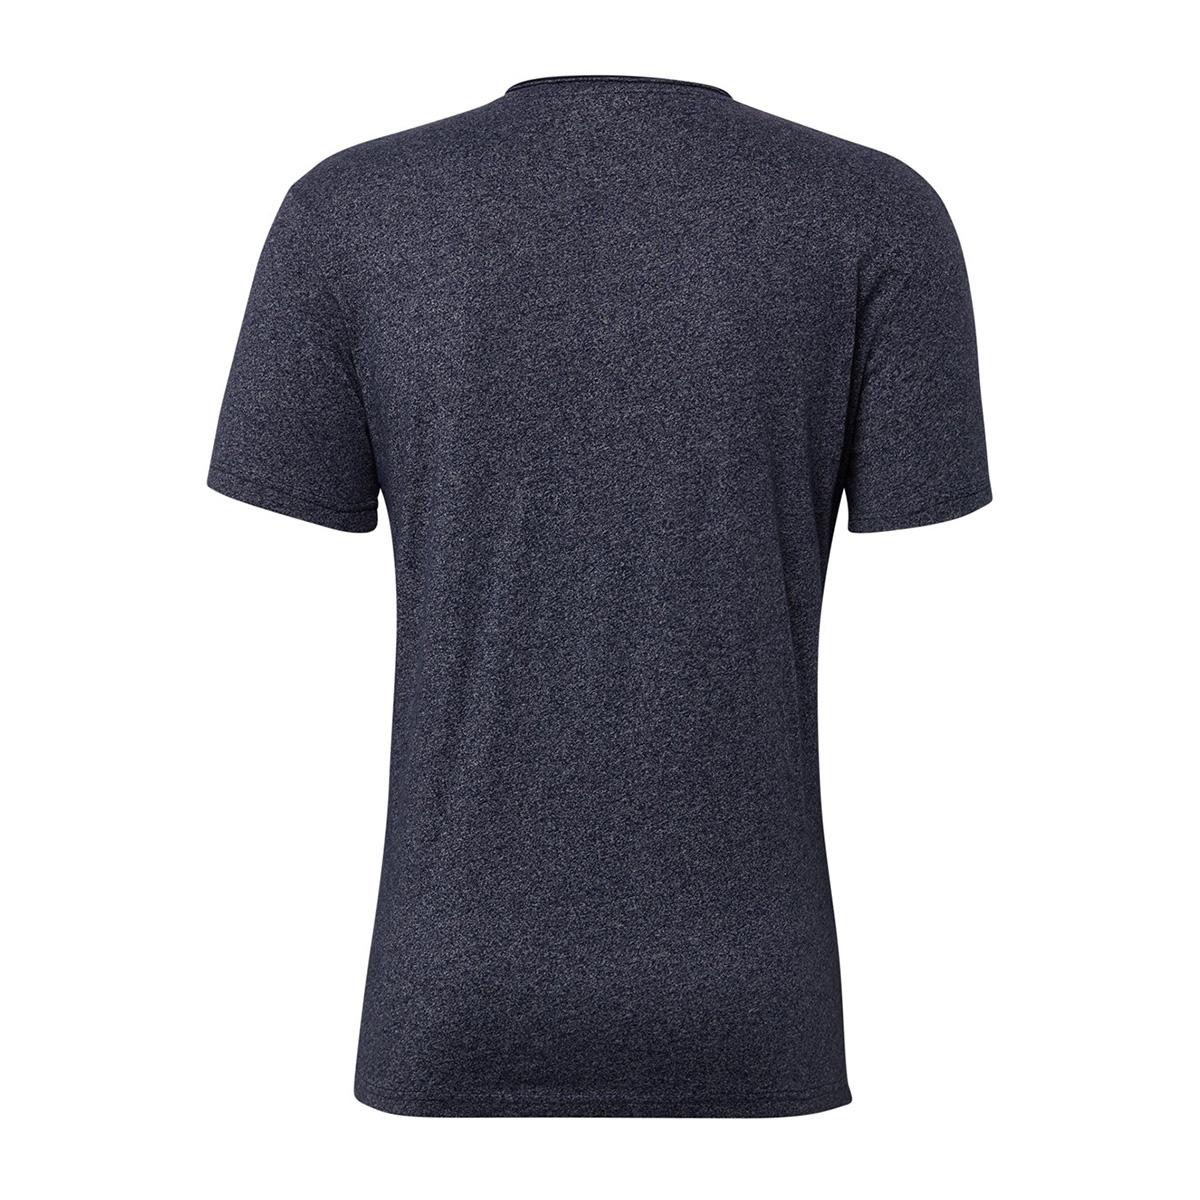 henley shirt 1011503xx10 tom tailor t-shirt 18000